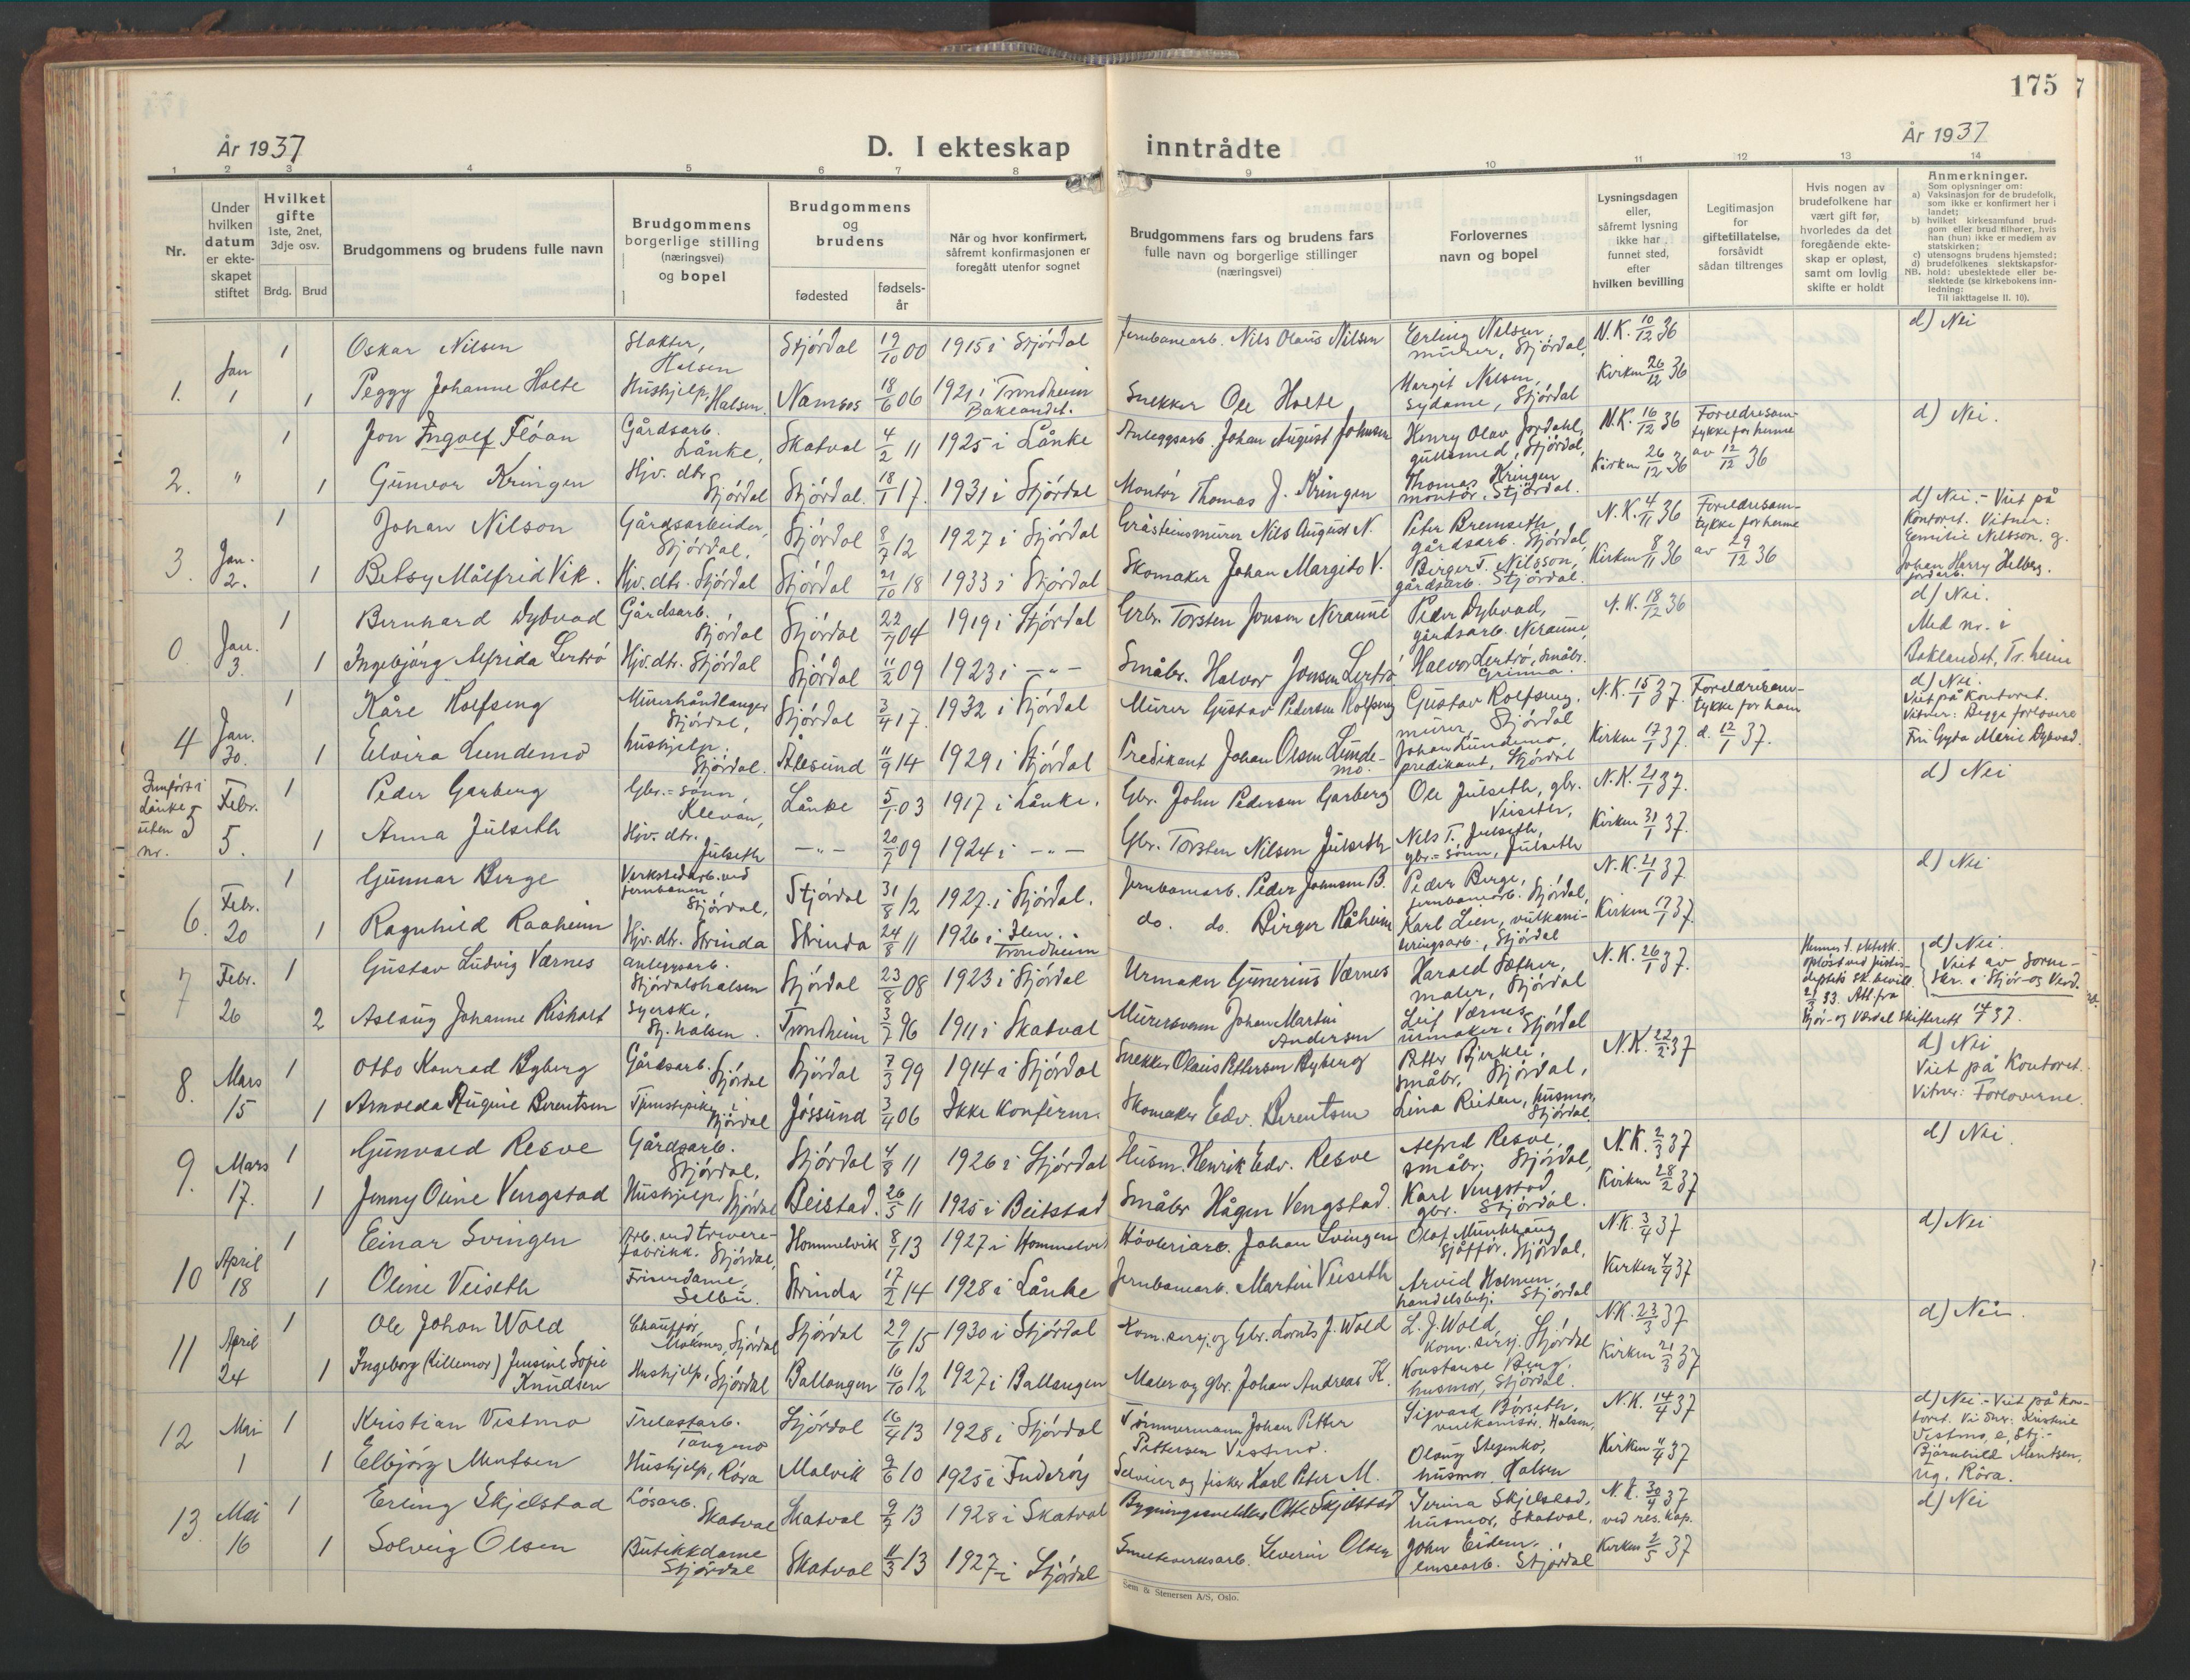 SAT, Ministerialprotokoller, klokkerbøker og fødselsregistre - Nord-Trøndelag, 709/L0089: Klokkerbok nr. 709C03, 1935-1948, s. 175